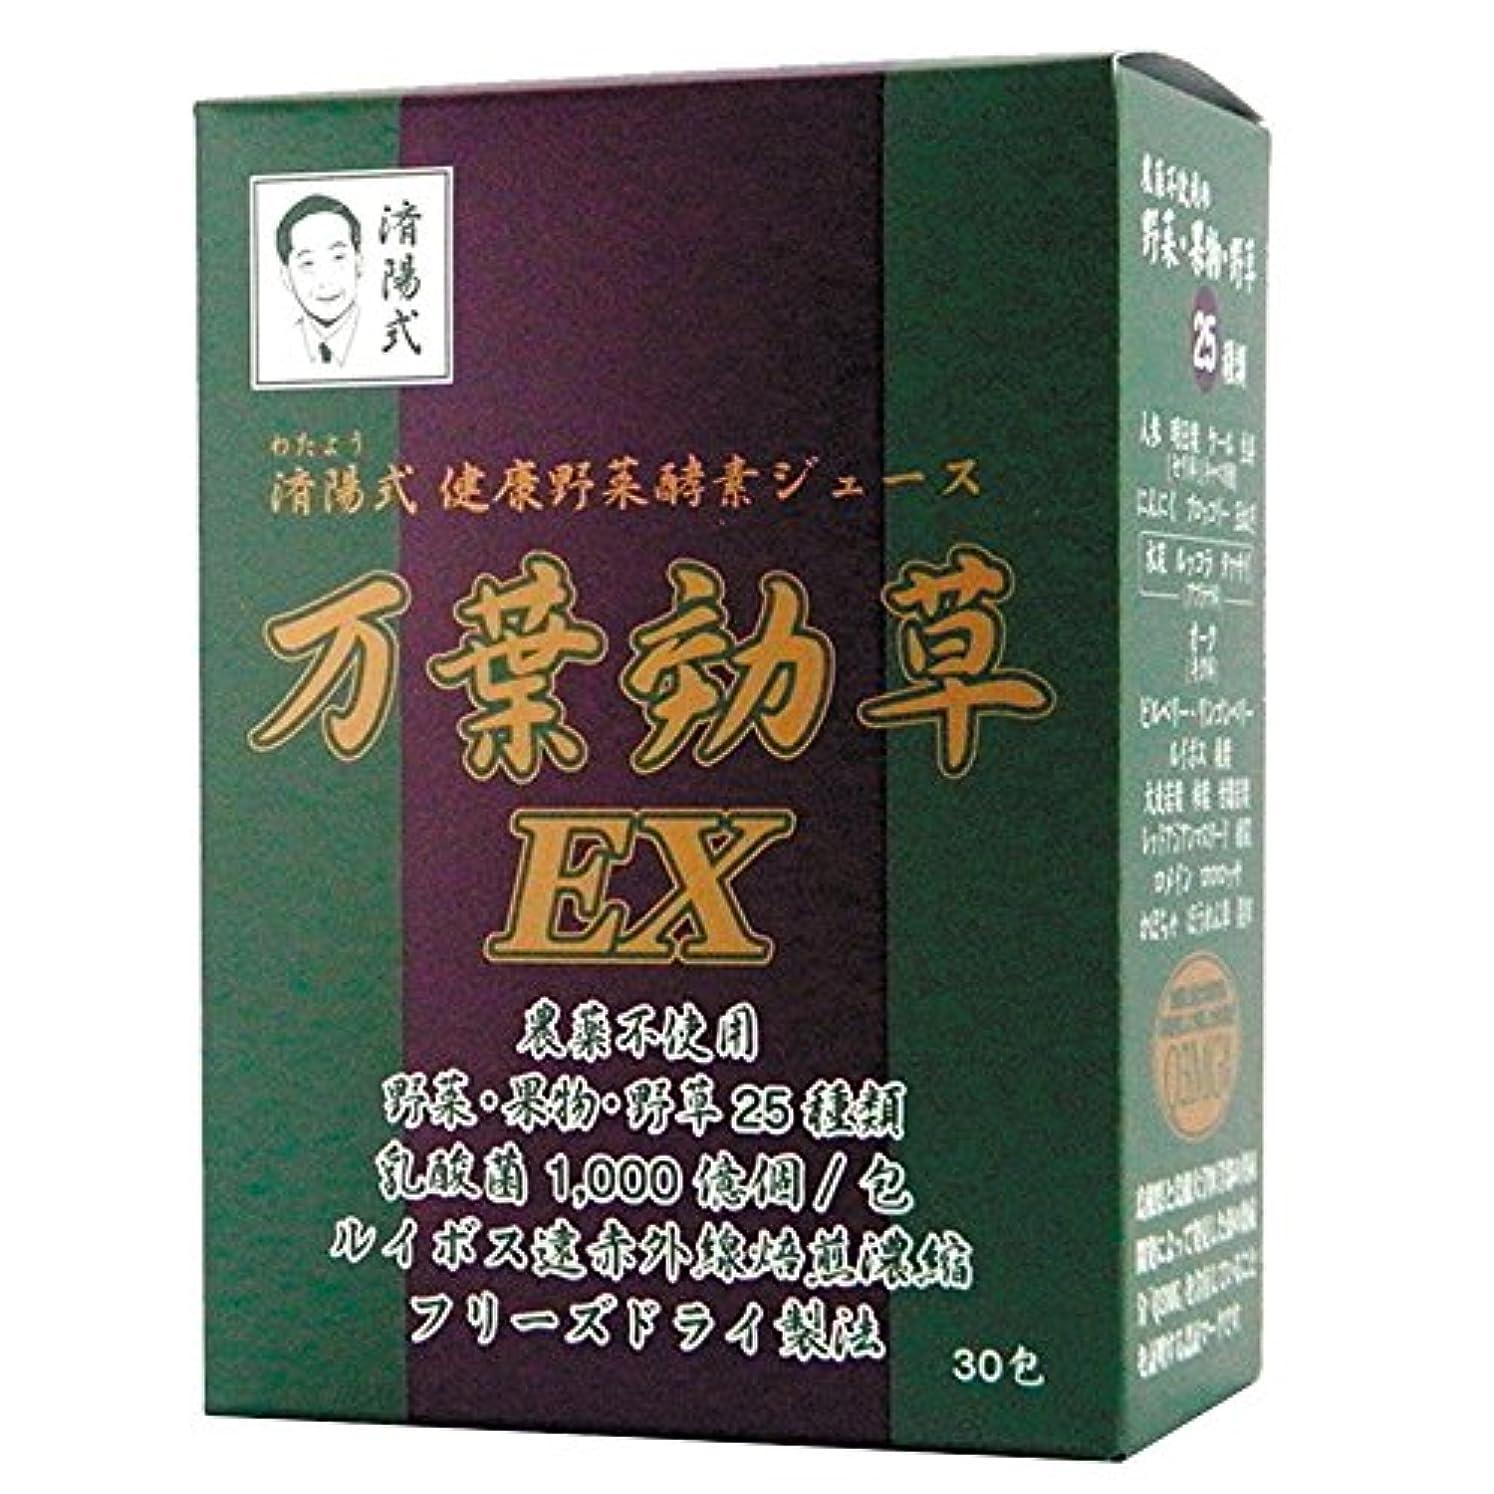 奨励受粉するコスチュームAIGエム 済陽式 健康野菜酵素ジュース 万葉効草EX